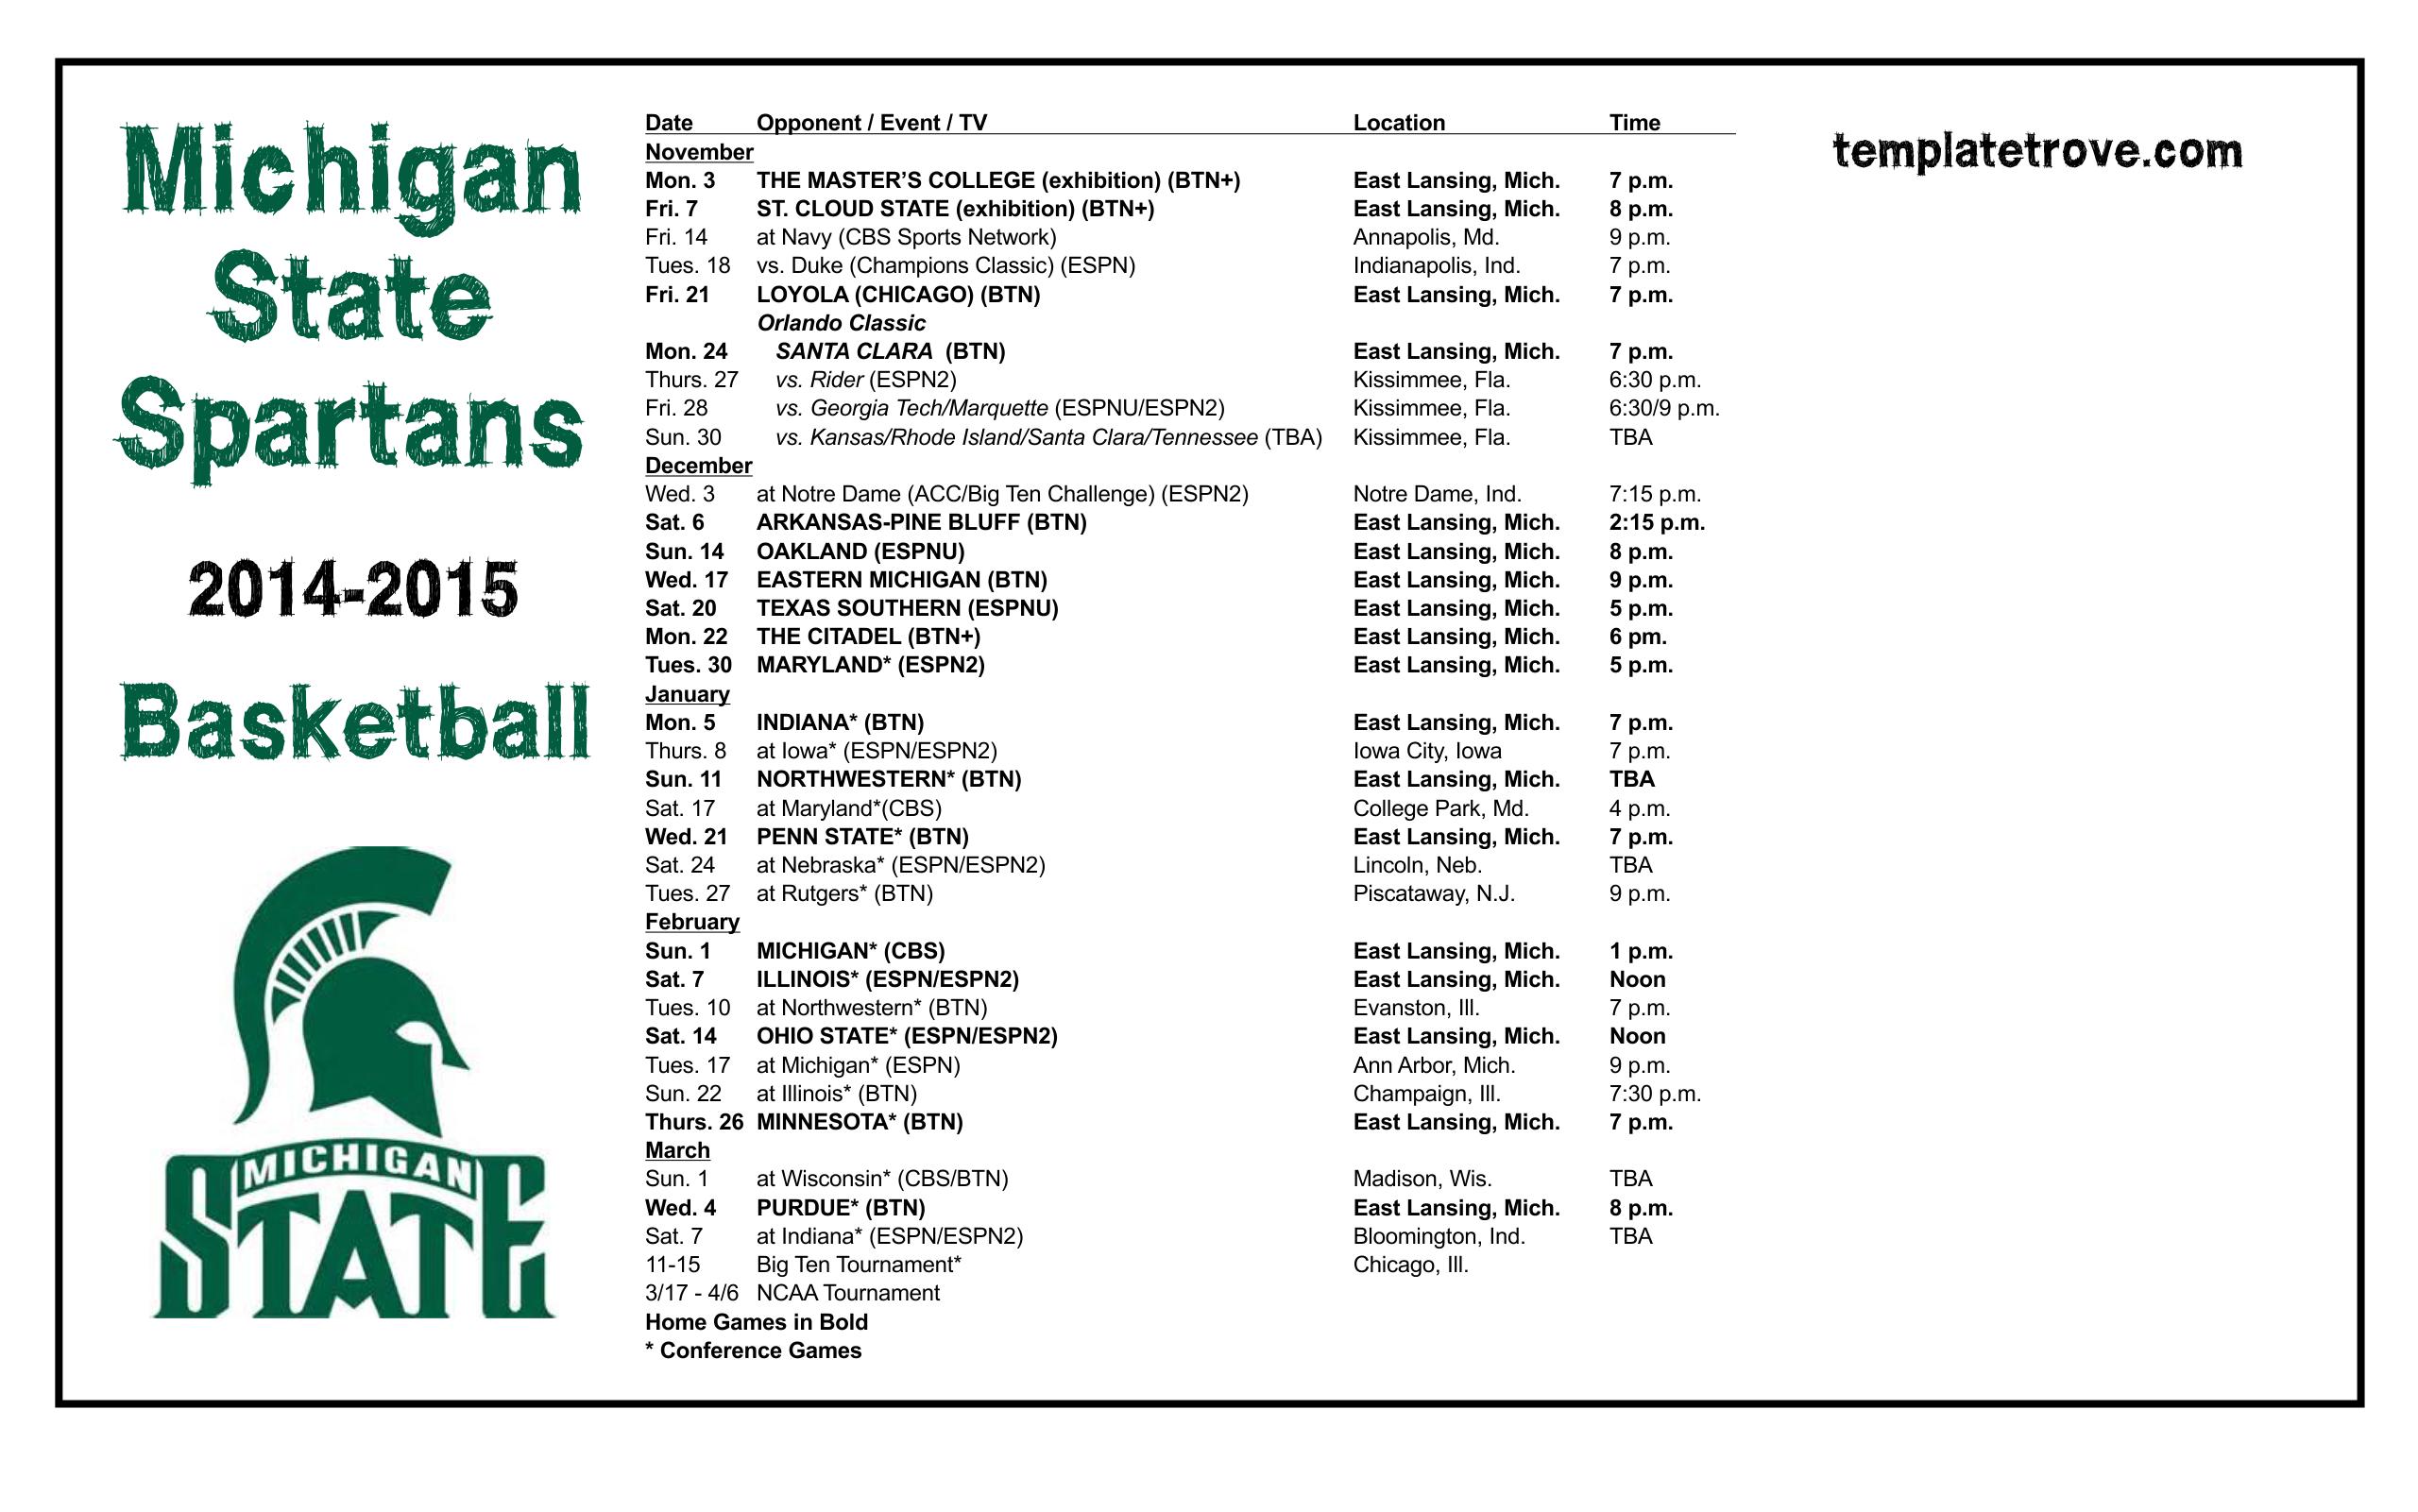 Sdsu Schedule Basketball 2014 2015 | 2015 Calendar Printable